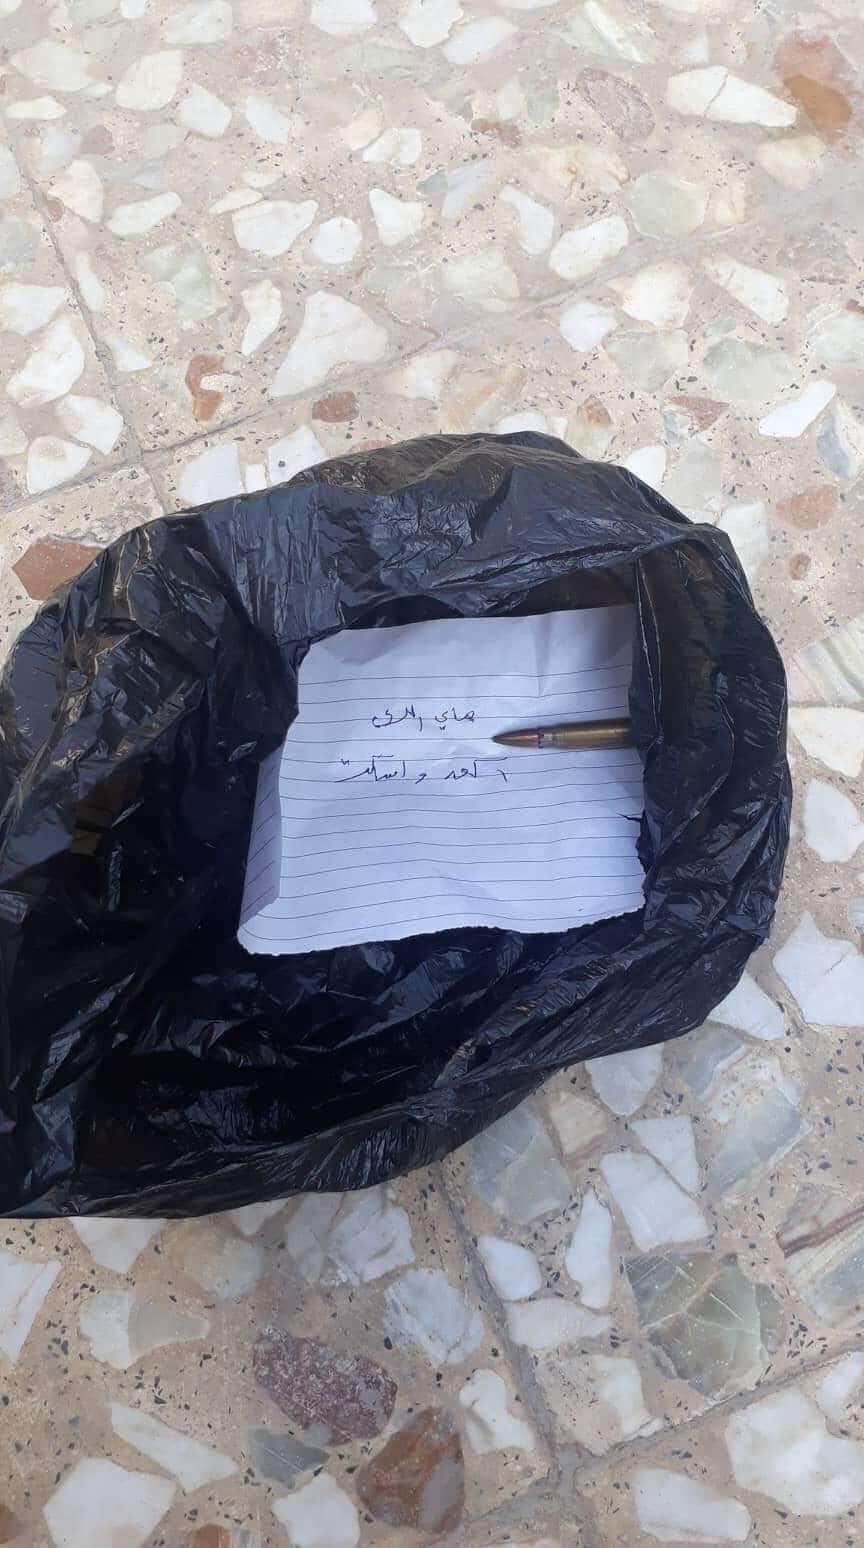 """رصاصة في """"علاكَه"""" سوداء: موظف حكومي شارك برفع تجاوزات يتعرض لتهديد بالقتل"""